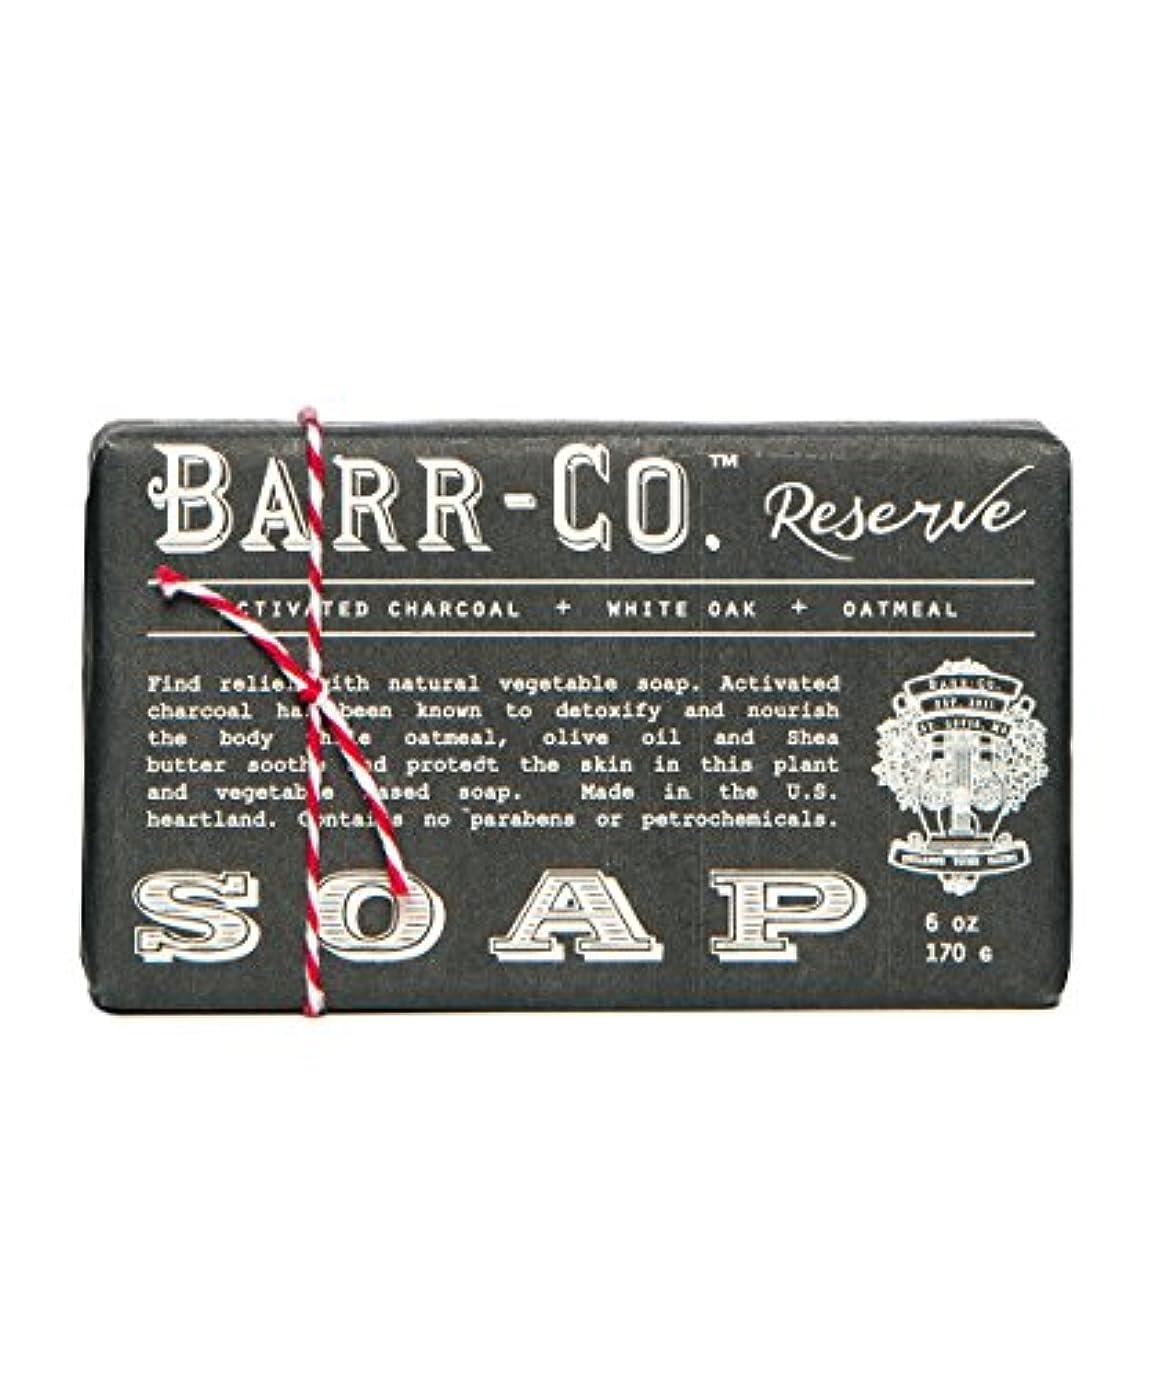 符号クロス食べるバーコ(BARR-CO.) バーソープ リザーブ